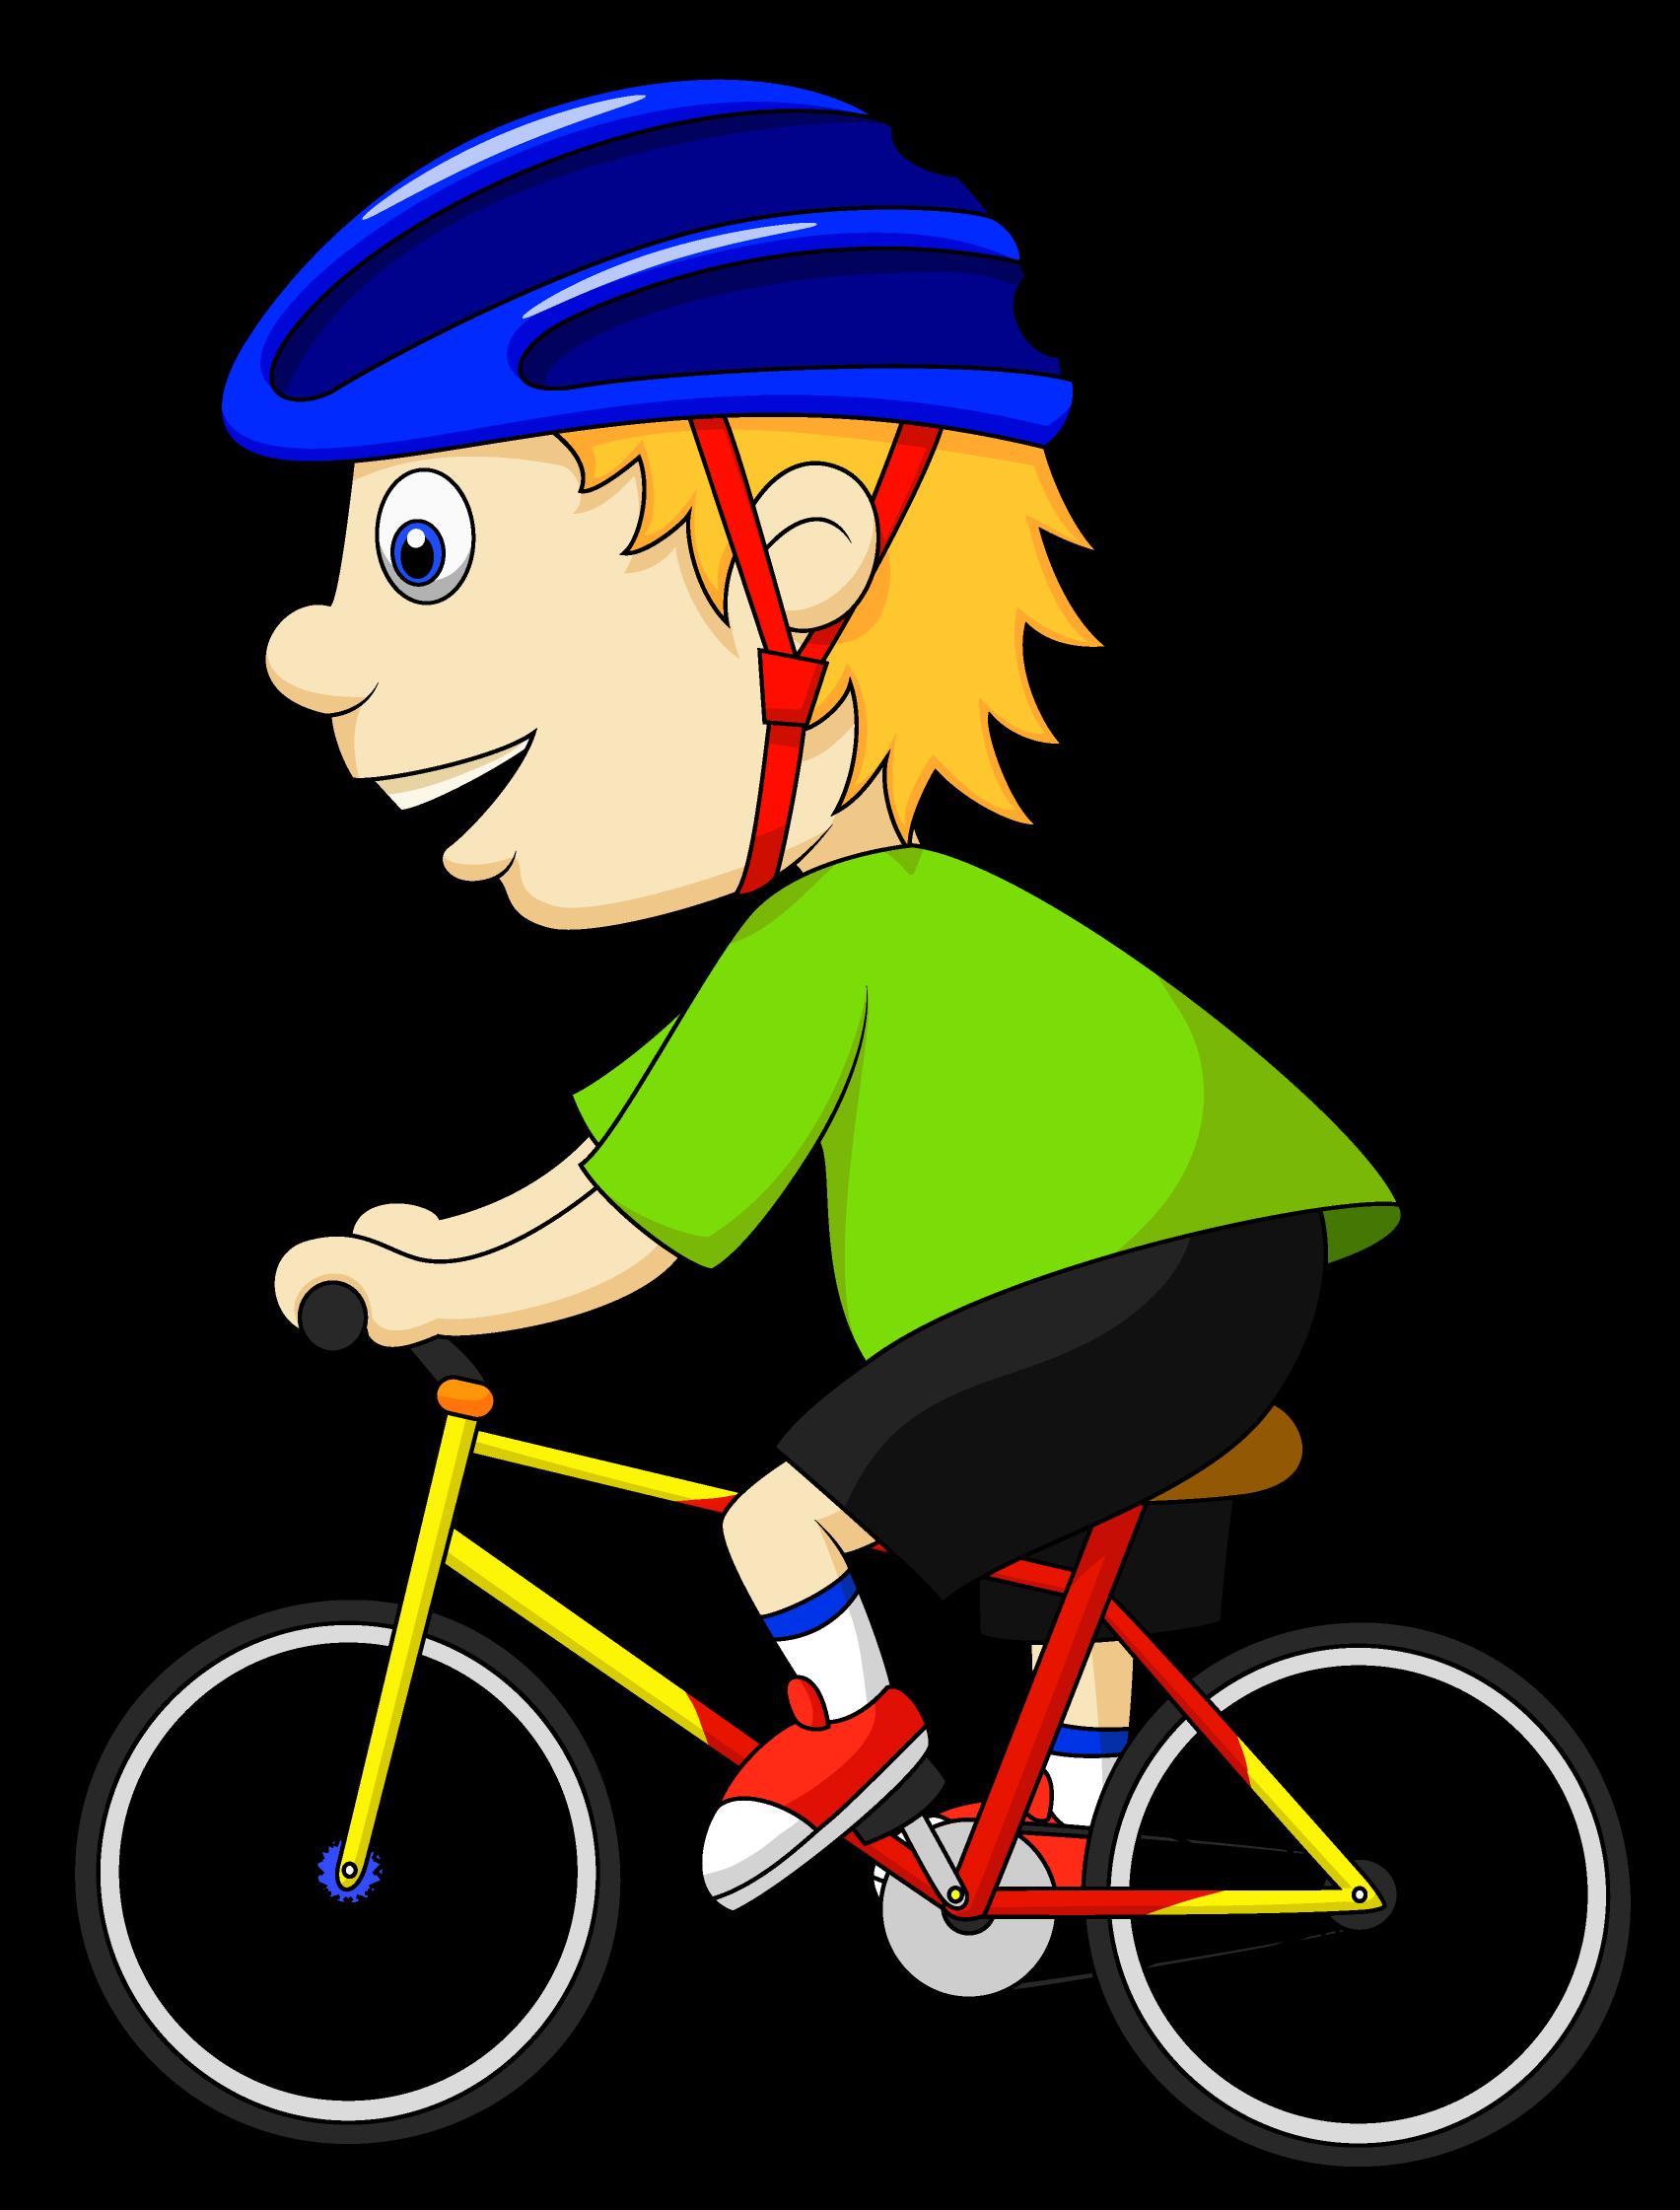 Я еду на велосипеде картинки для